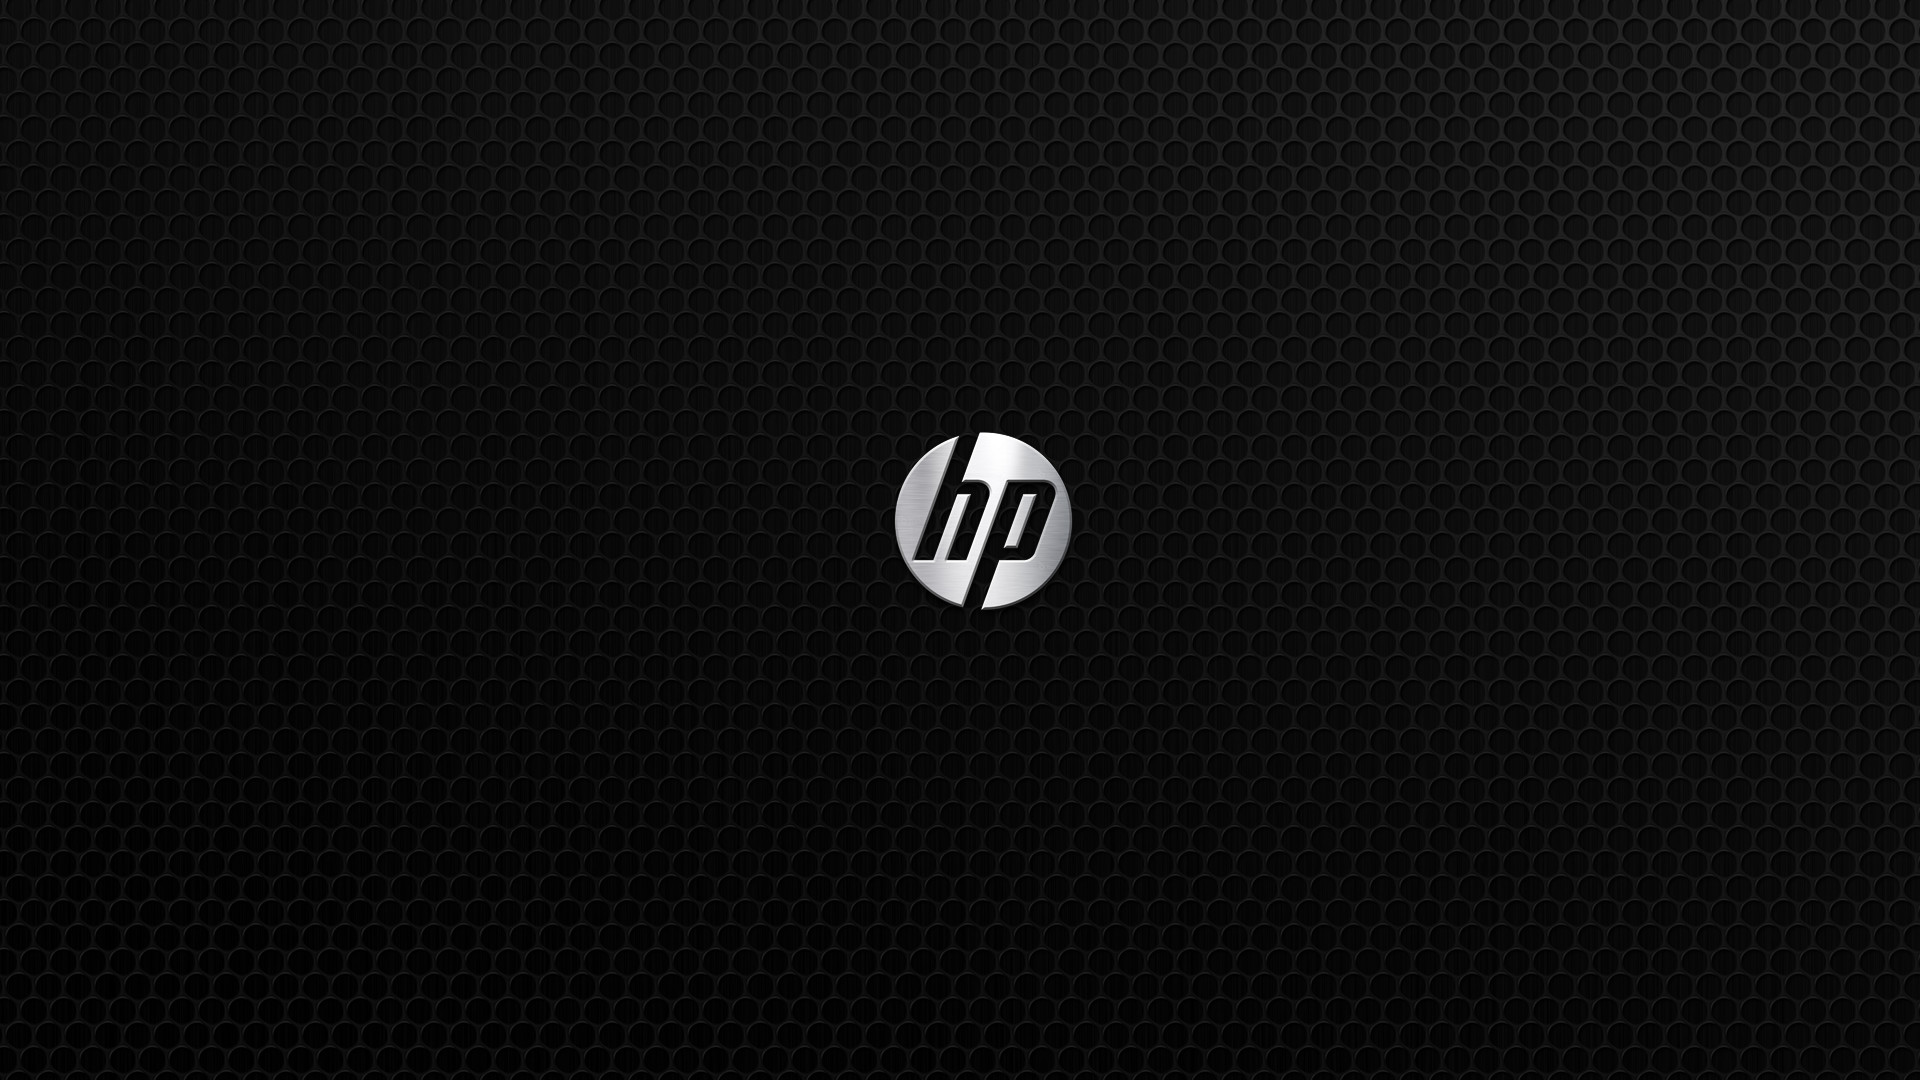 Hp Desktop Background 68 Images